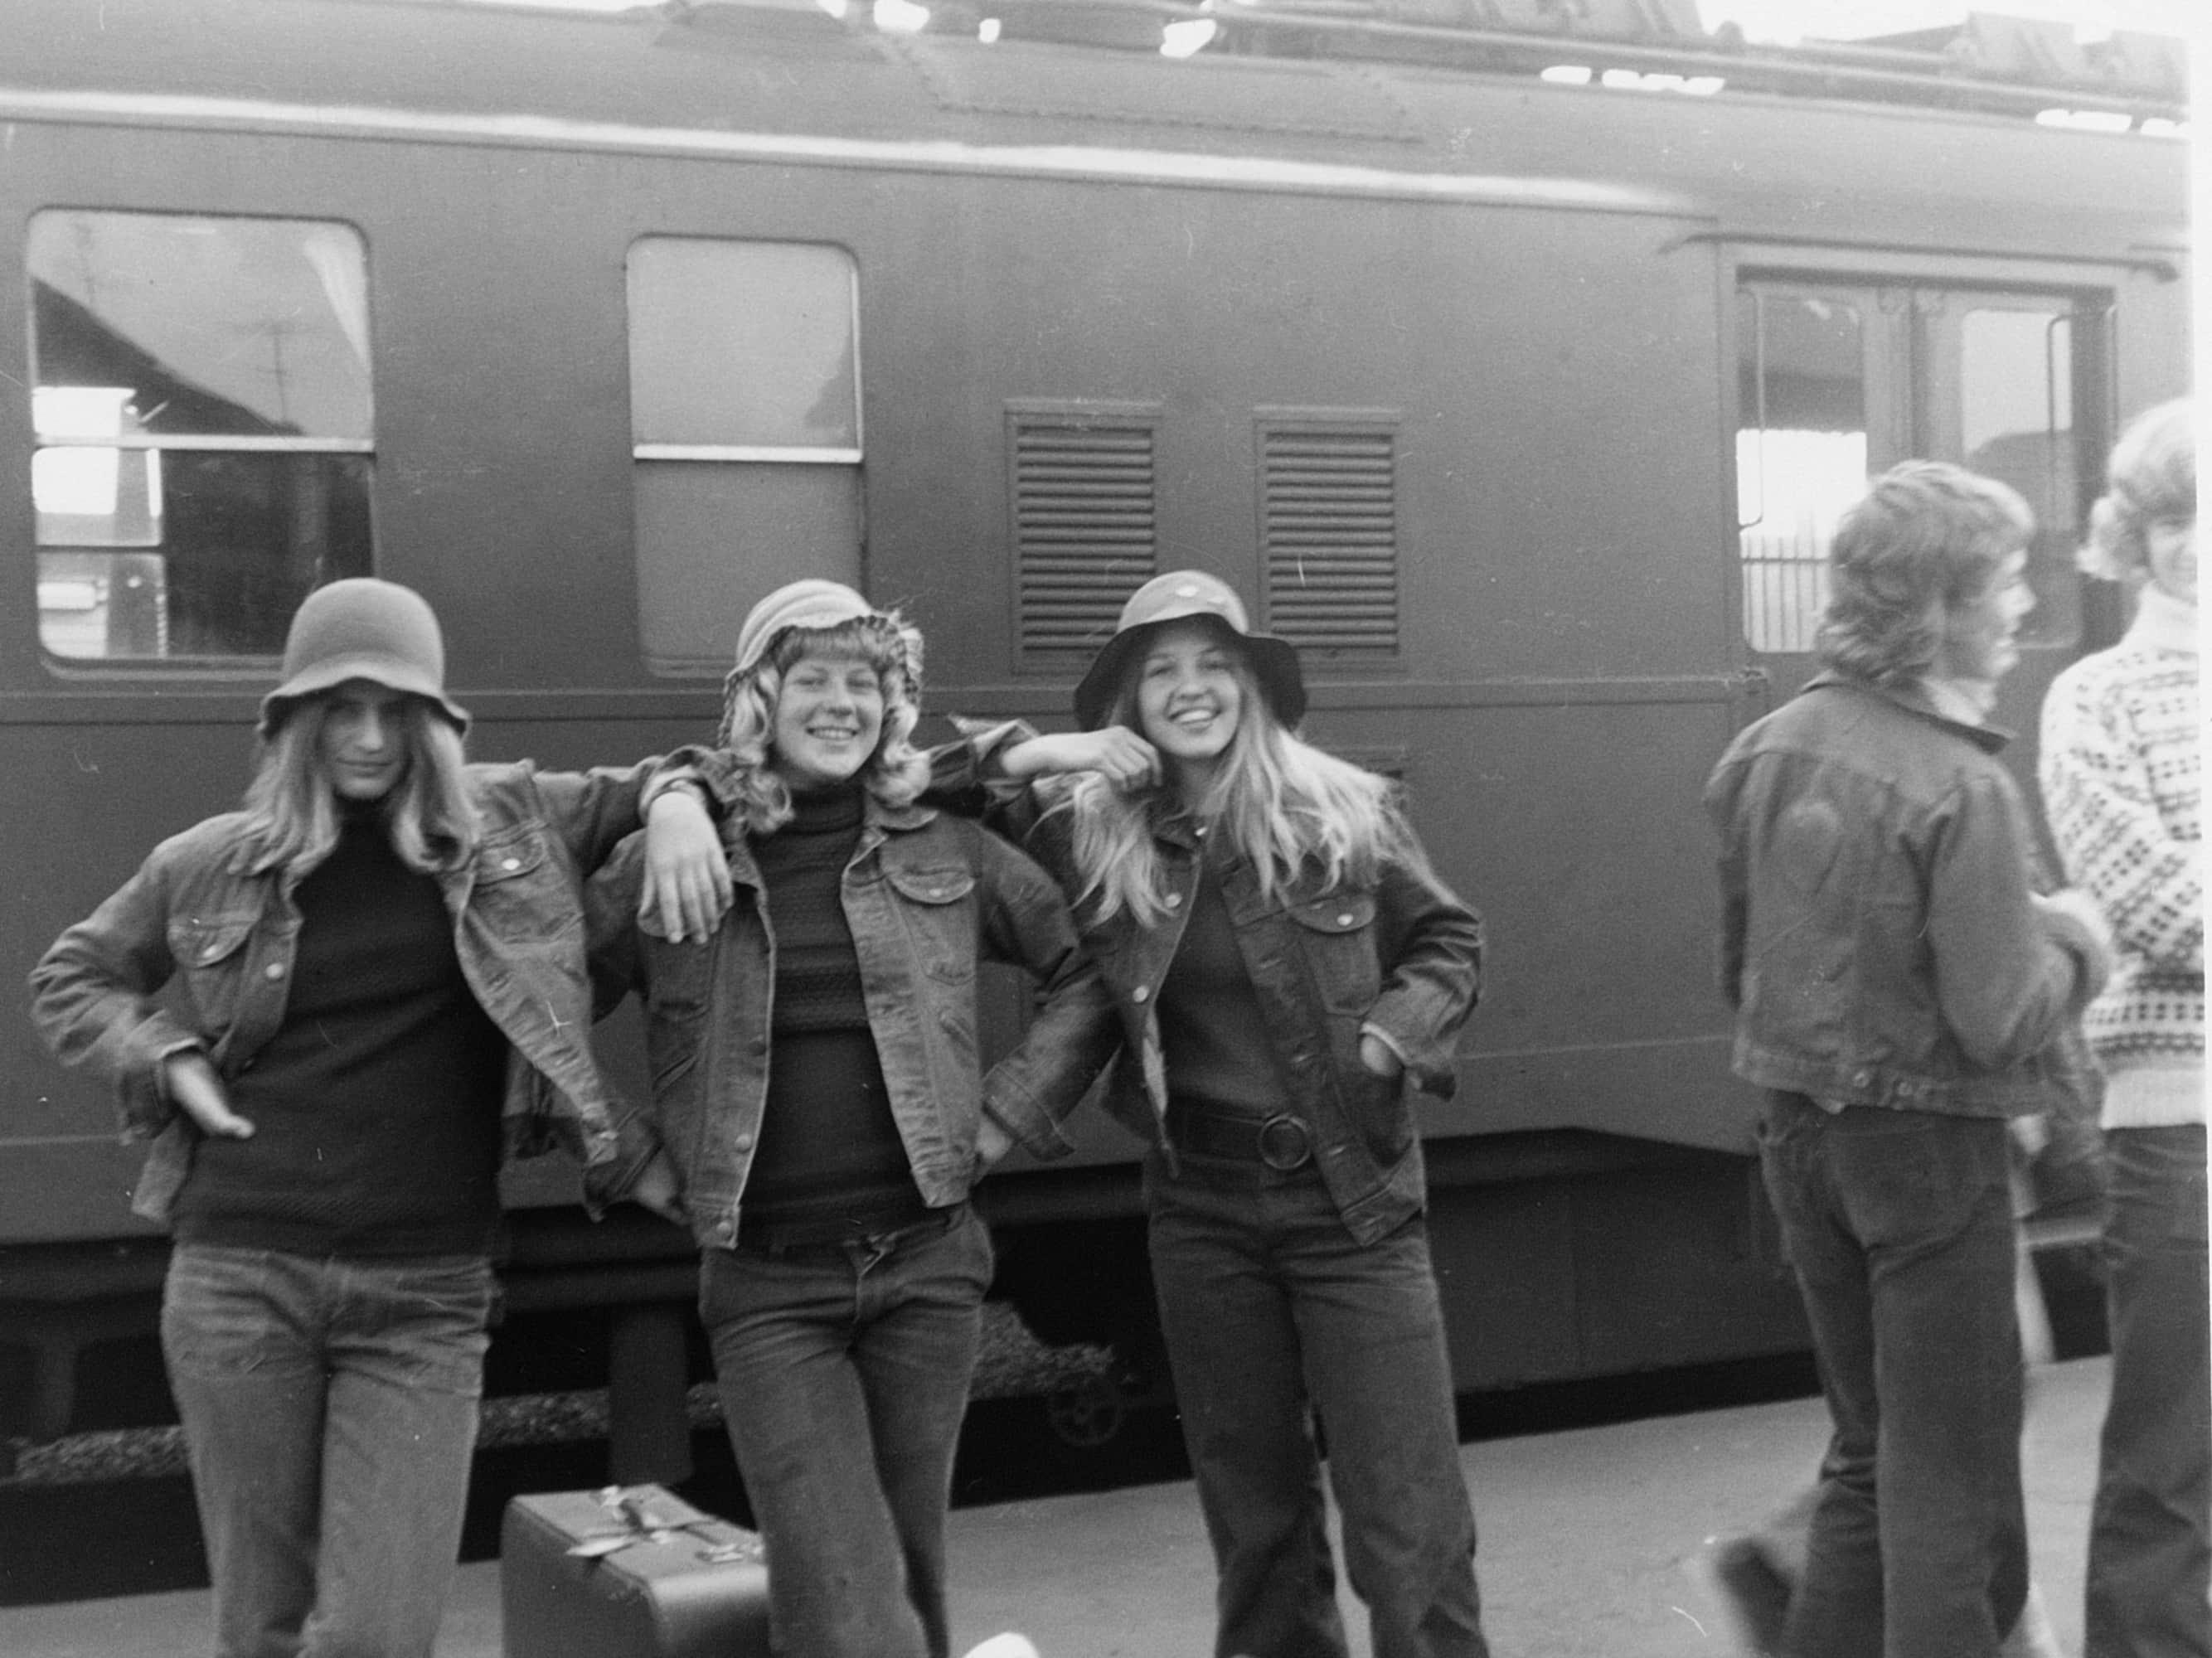 Derfra hvor vi stod – Sønderjyderne i 1960'erne og 1970'erne